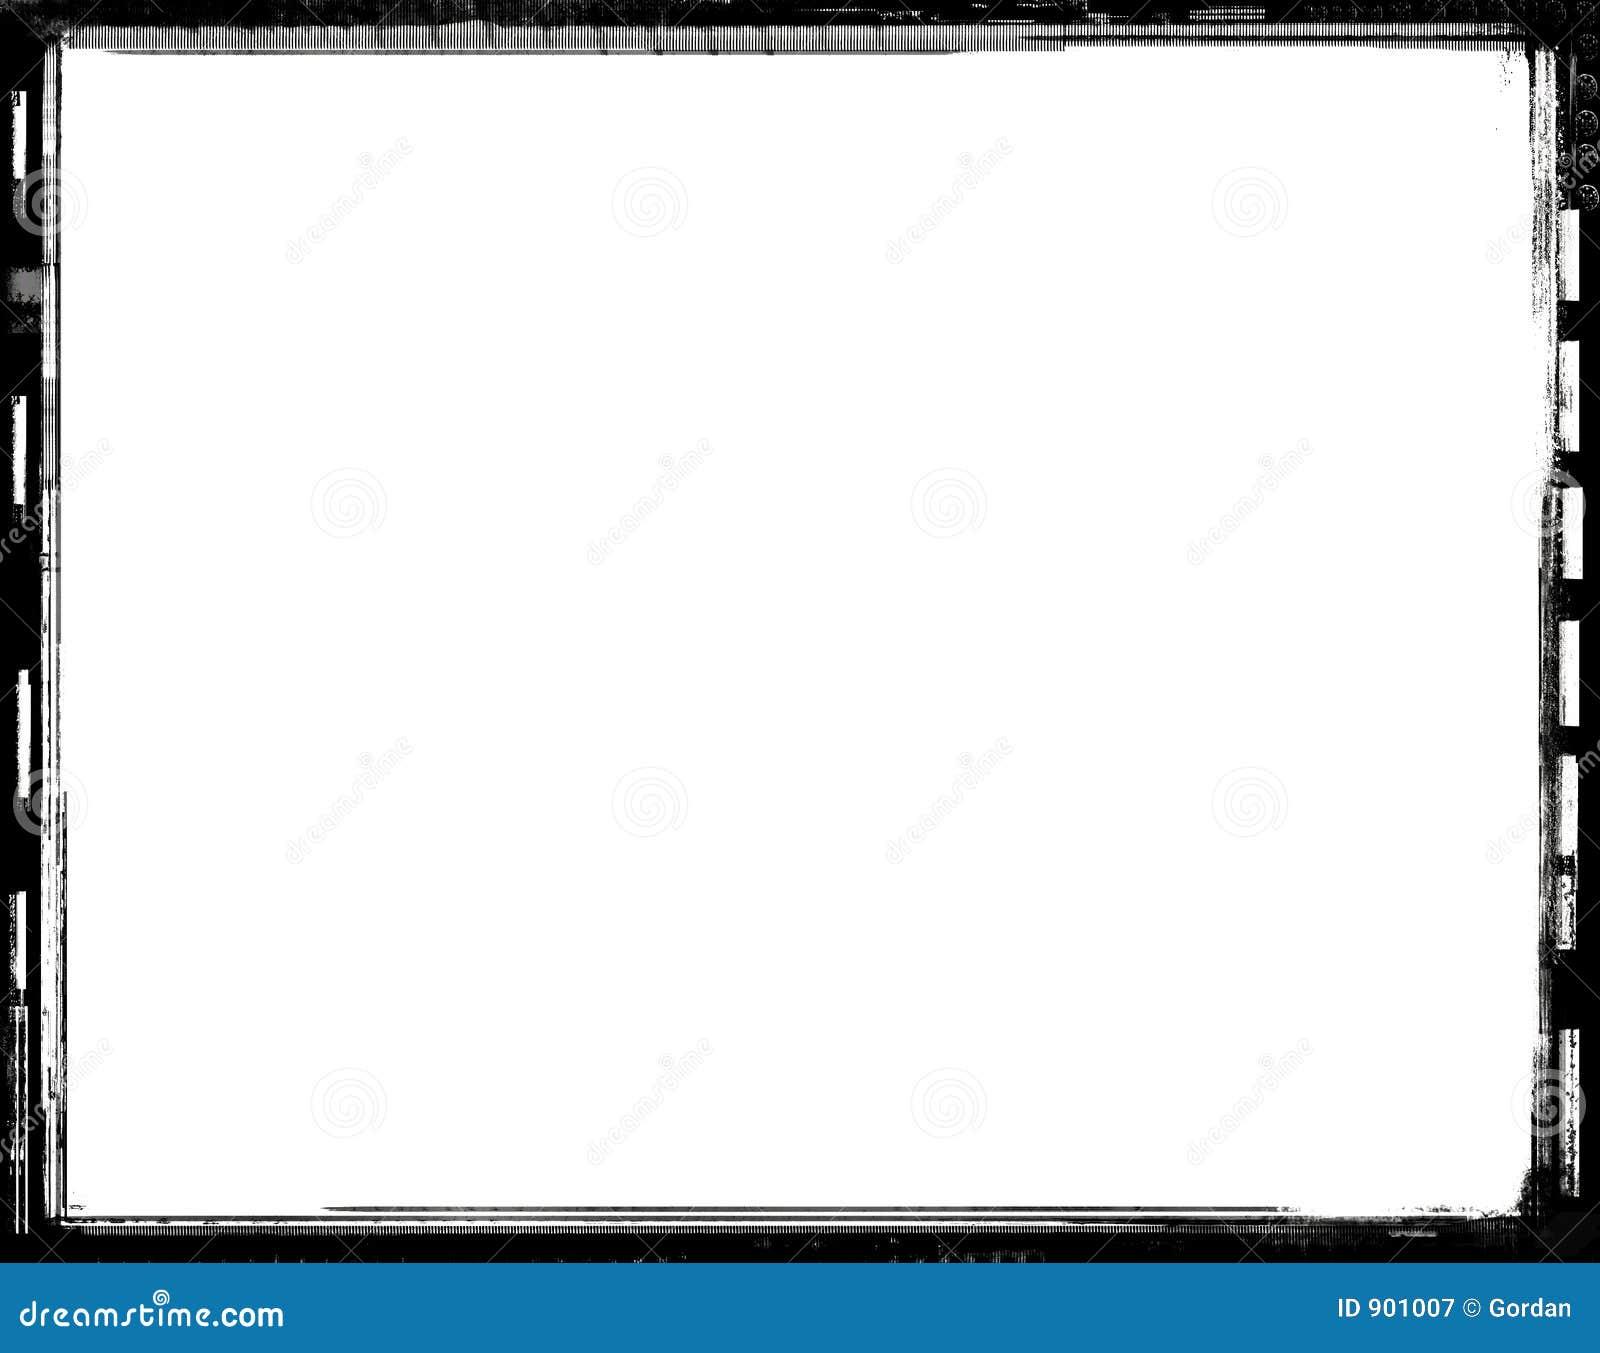 Grunge Border Royalty Free Stock Photography Image 901007